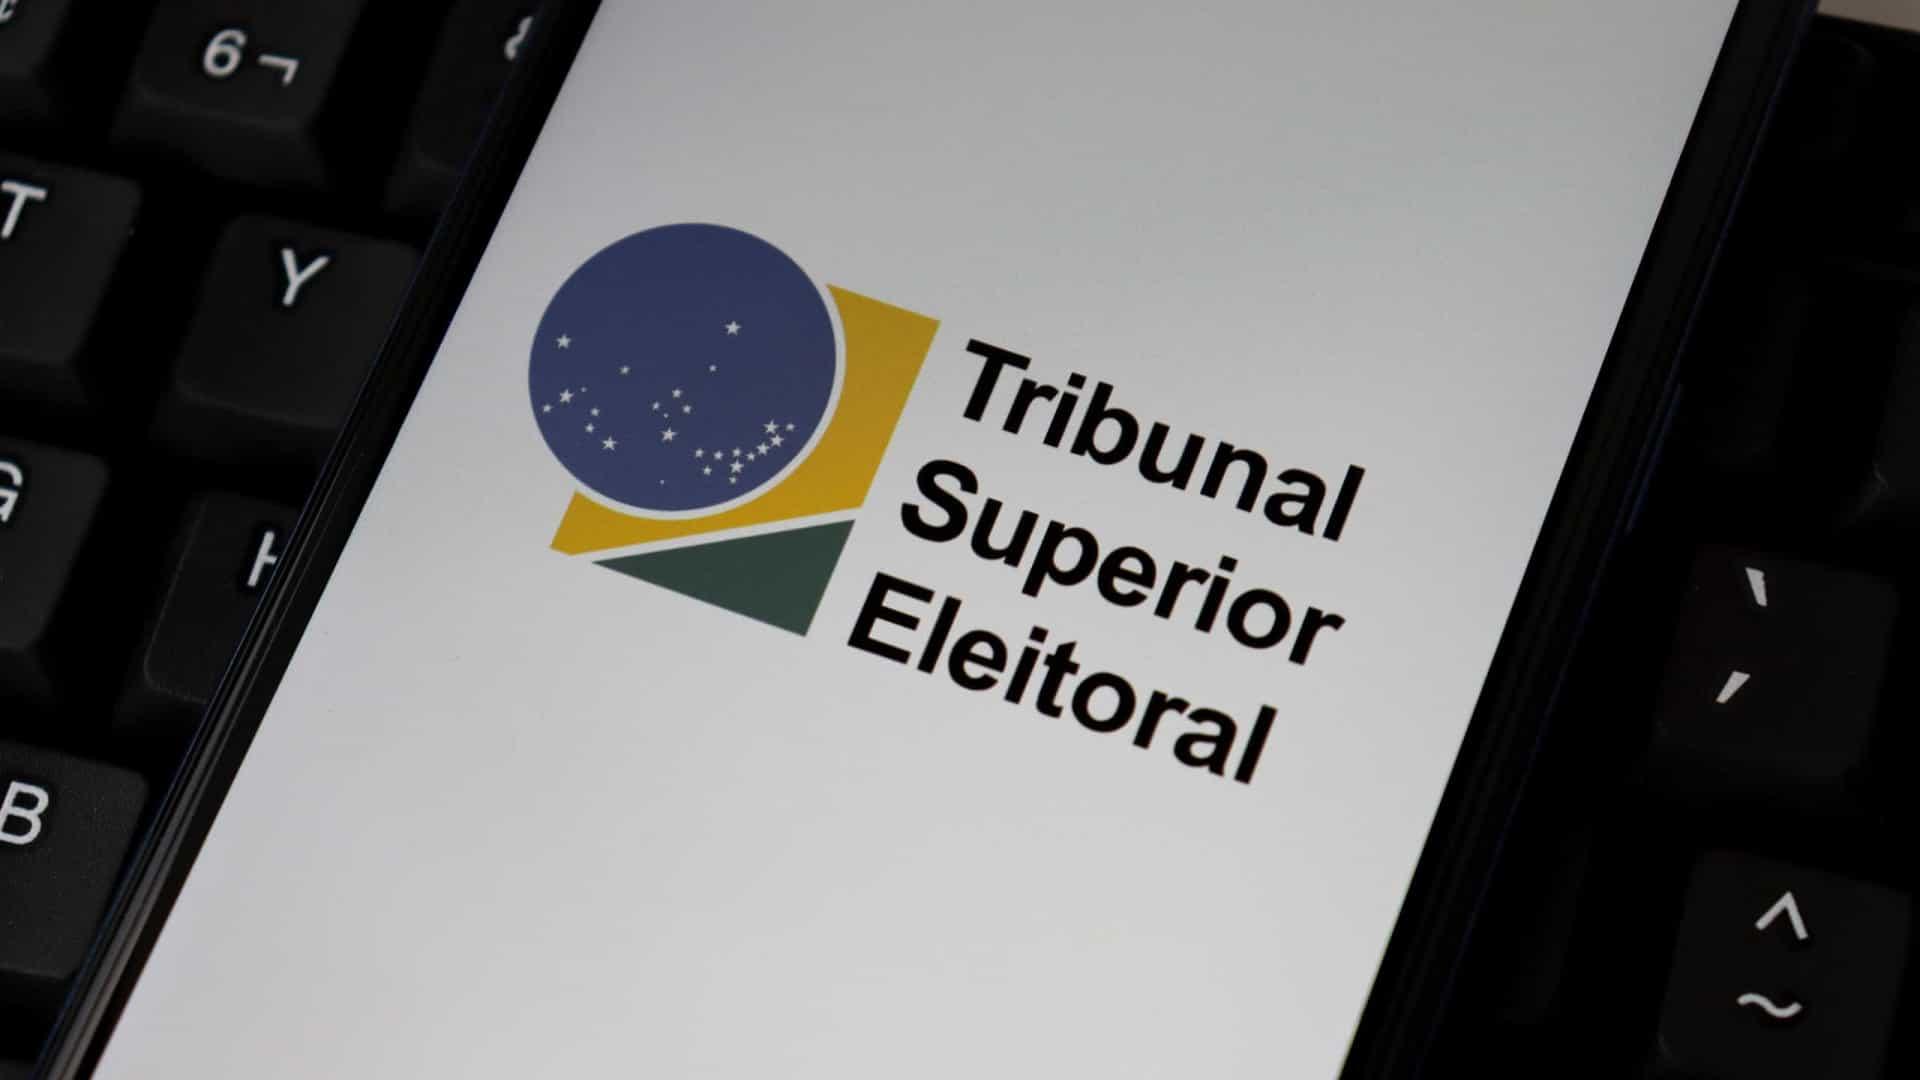 naom 5fb2472c80198 1 - 112 eleitos aguardam decisão do TSE